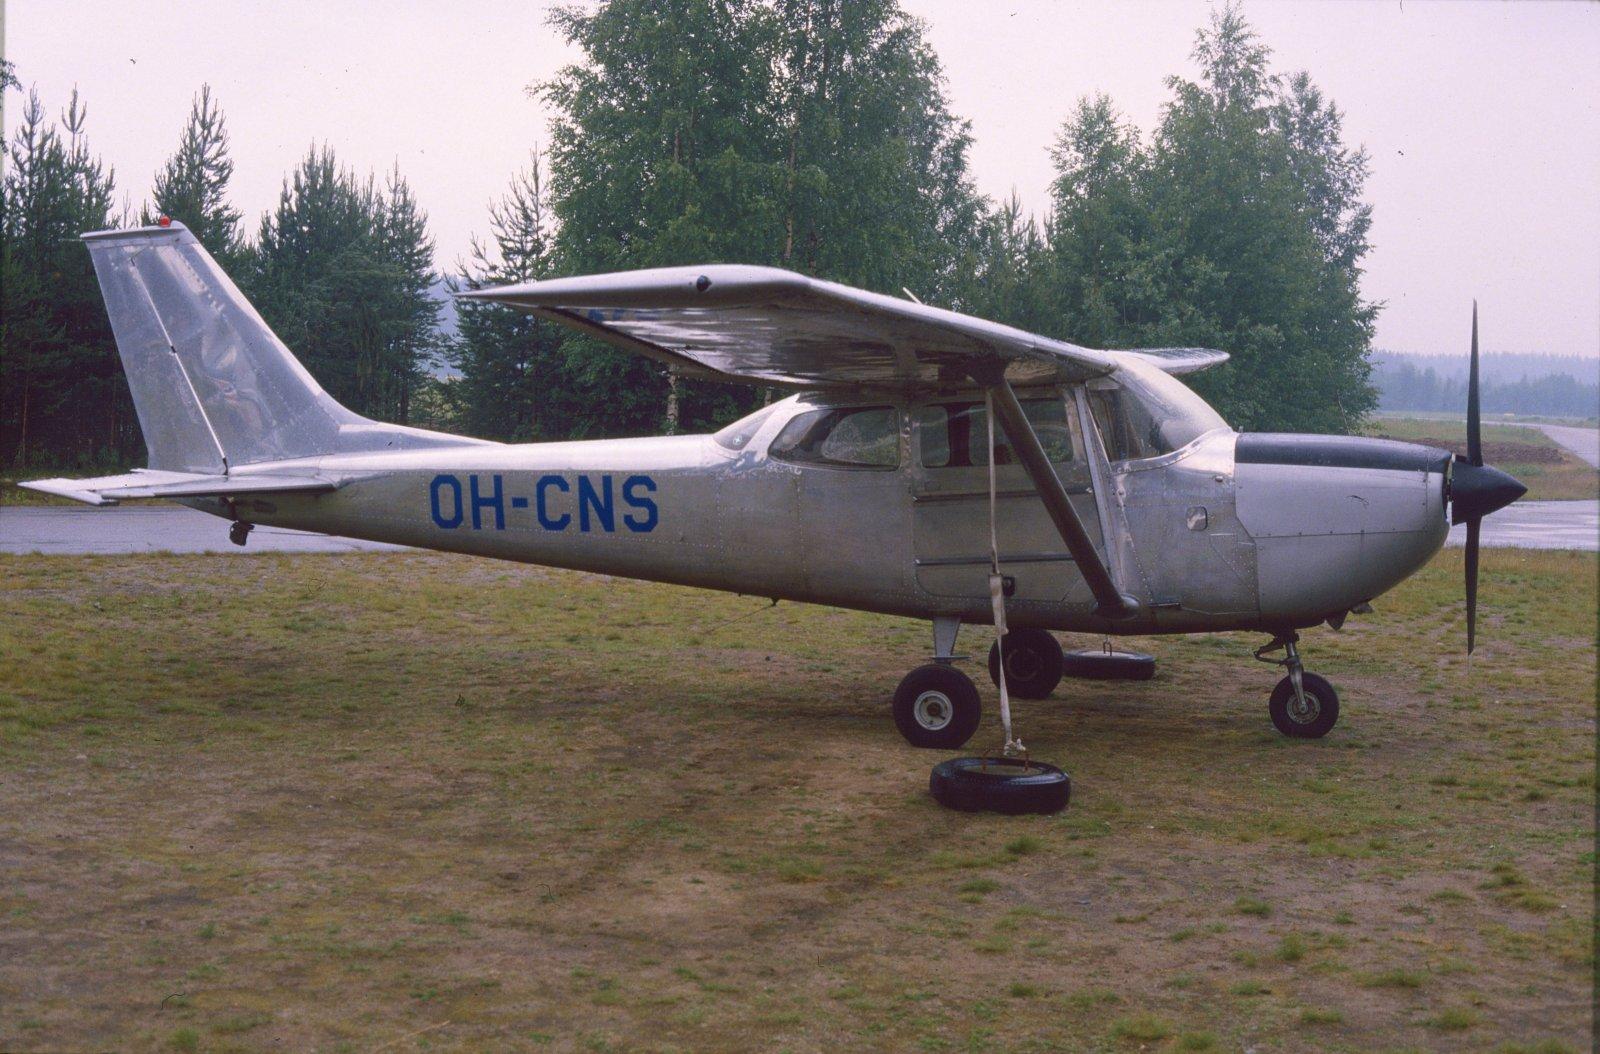 Reims/Cessna FR172F Reims Rocket OH-CNS EFJY 1987-07